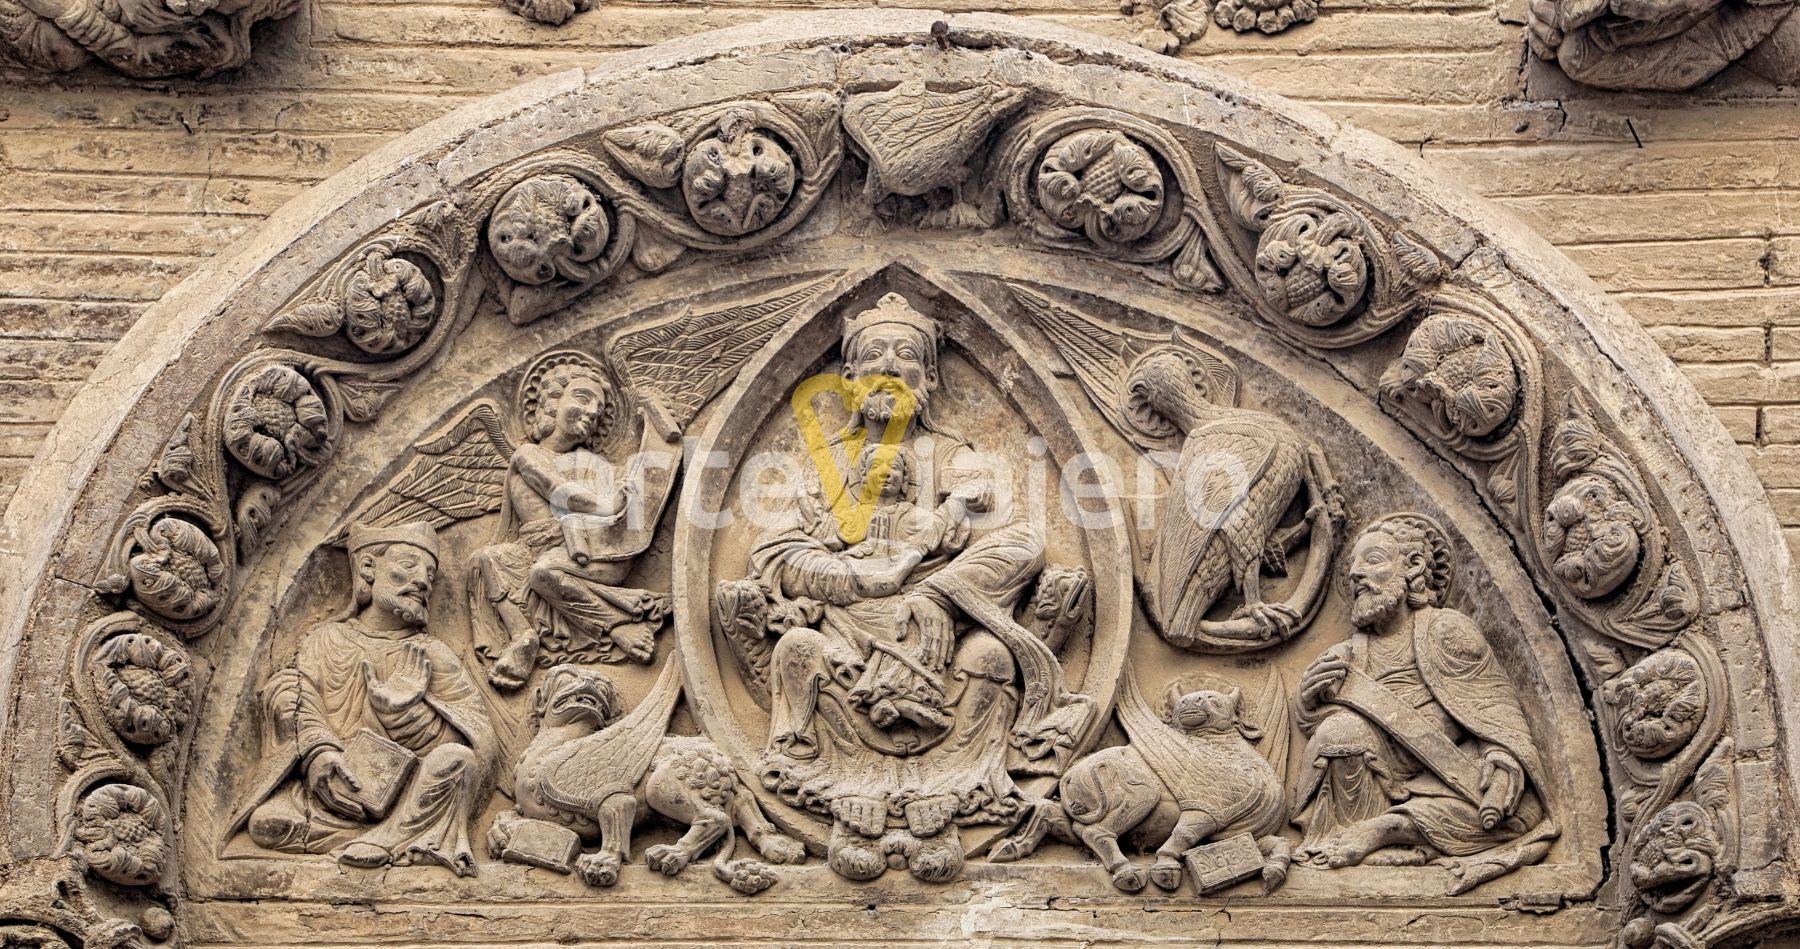 Trinidad Paternitas Tímpano Románico De La Iglesia De San Nicolás Tudela Navarra Arte Escultura Sculpture Art Ro Arte Romano Pintura Y Escultura Arte